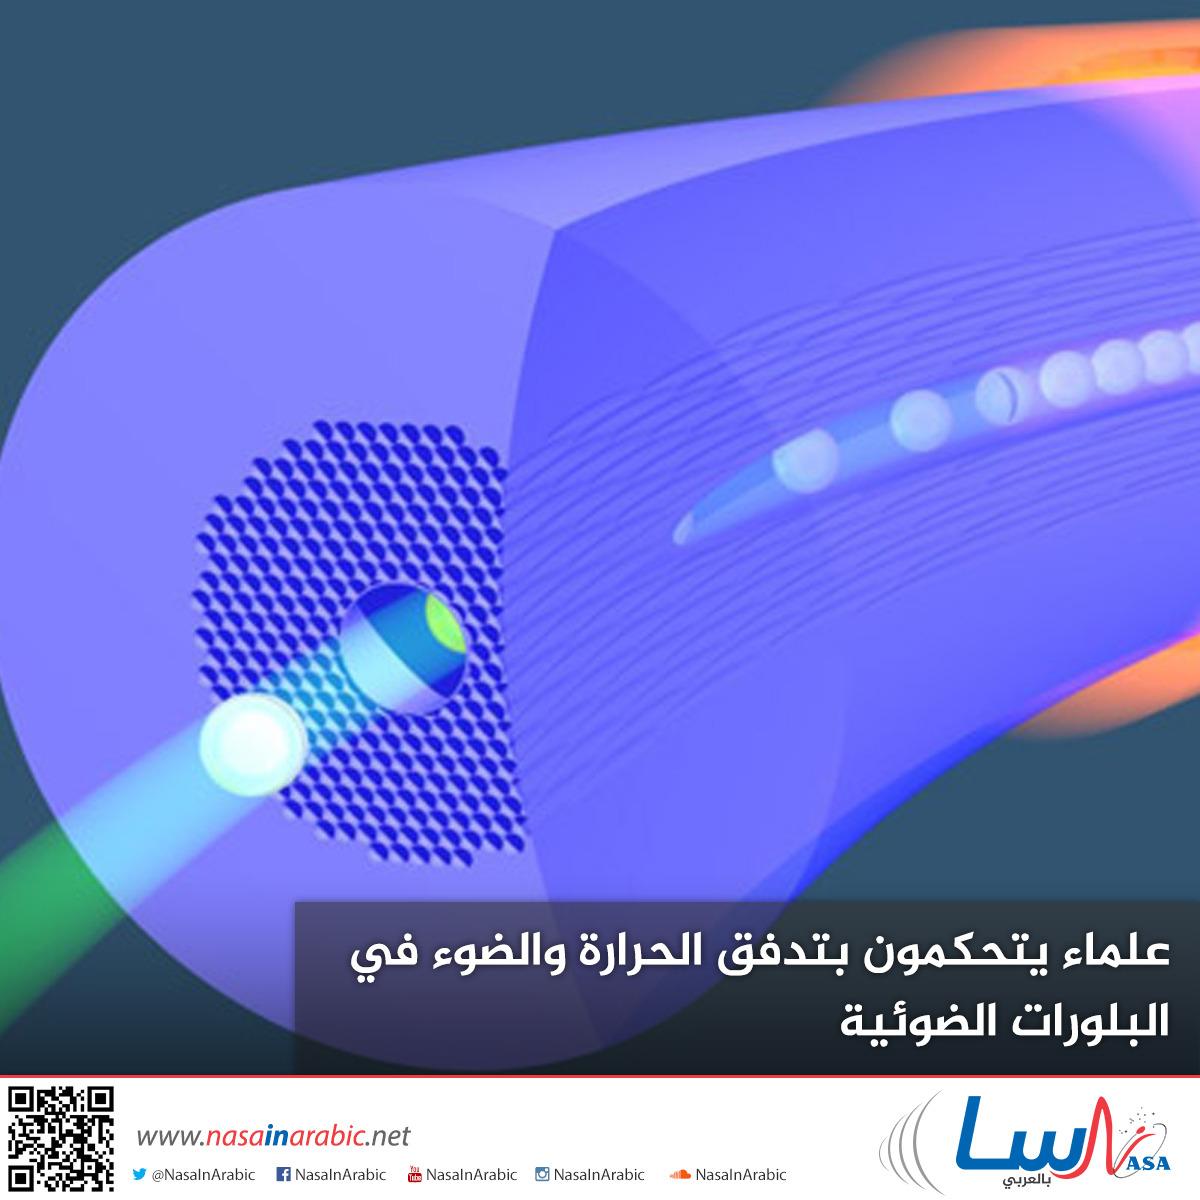 علماء يتحكمون بتدفق الحرارة والضوء في البلورات الضوئية